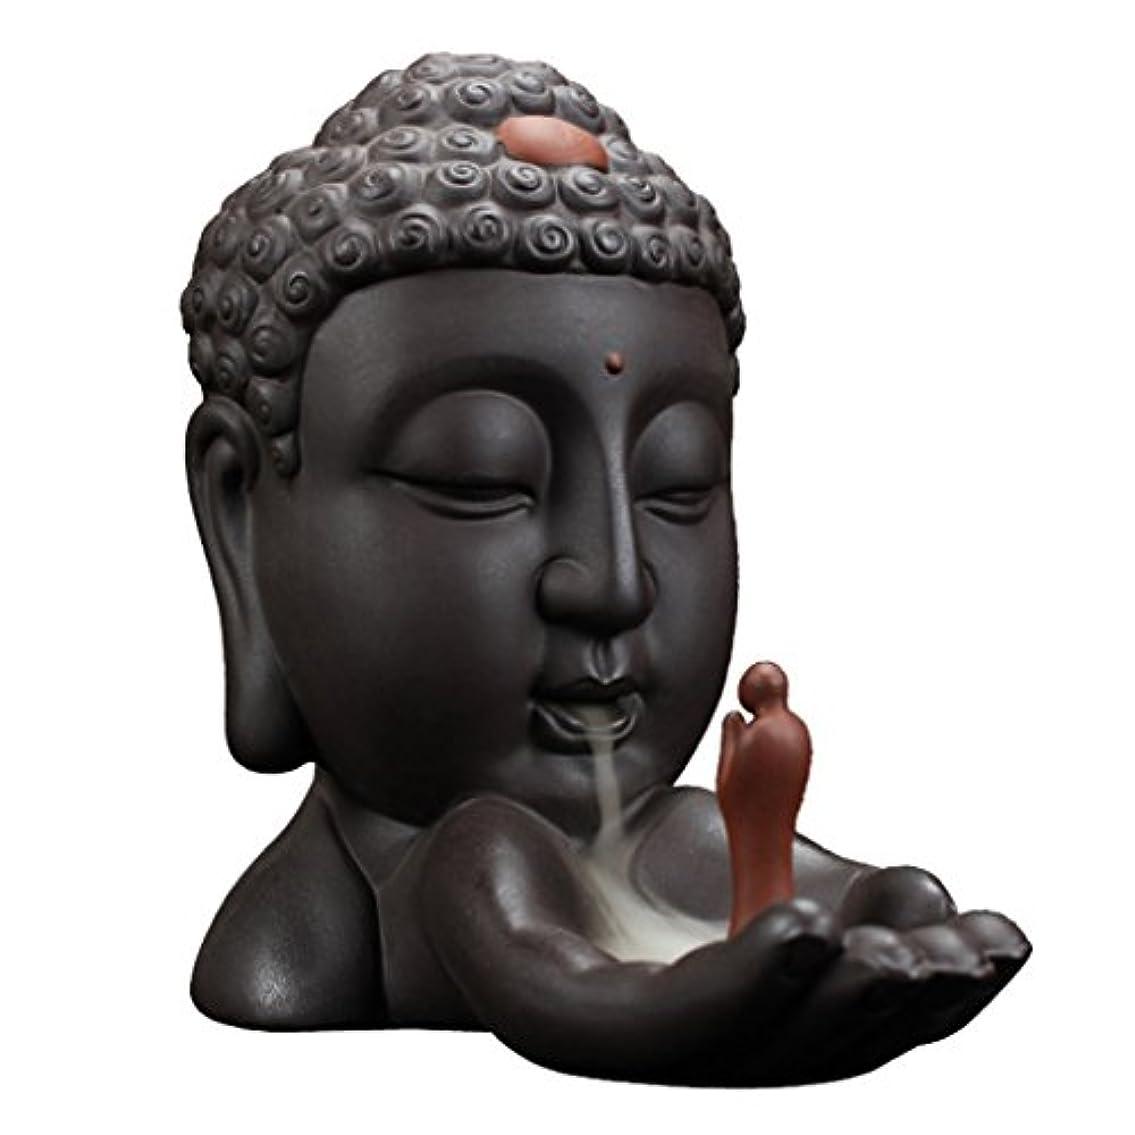 円周聴覚障害者灌漑仏教 香のバーナー セラミック スティック コーン ホルダー 逆流 バーナー 香炉